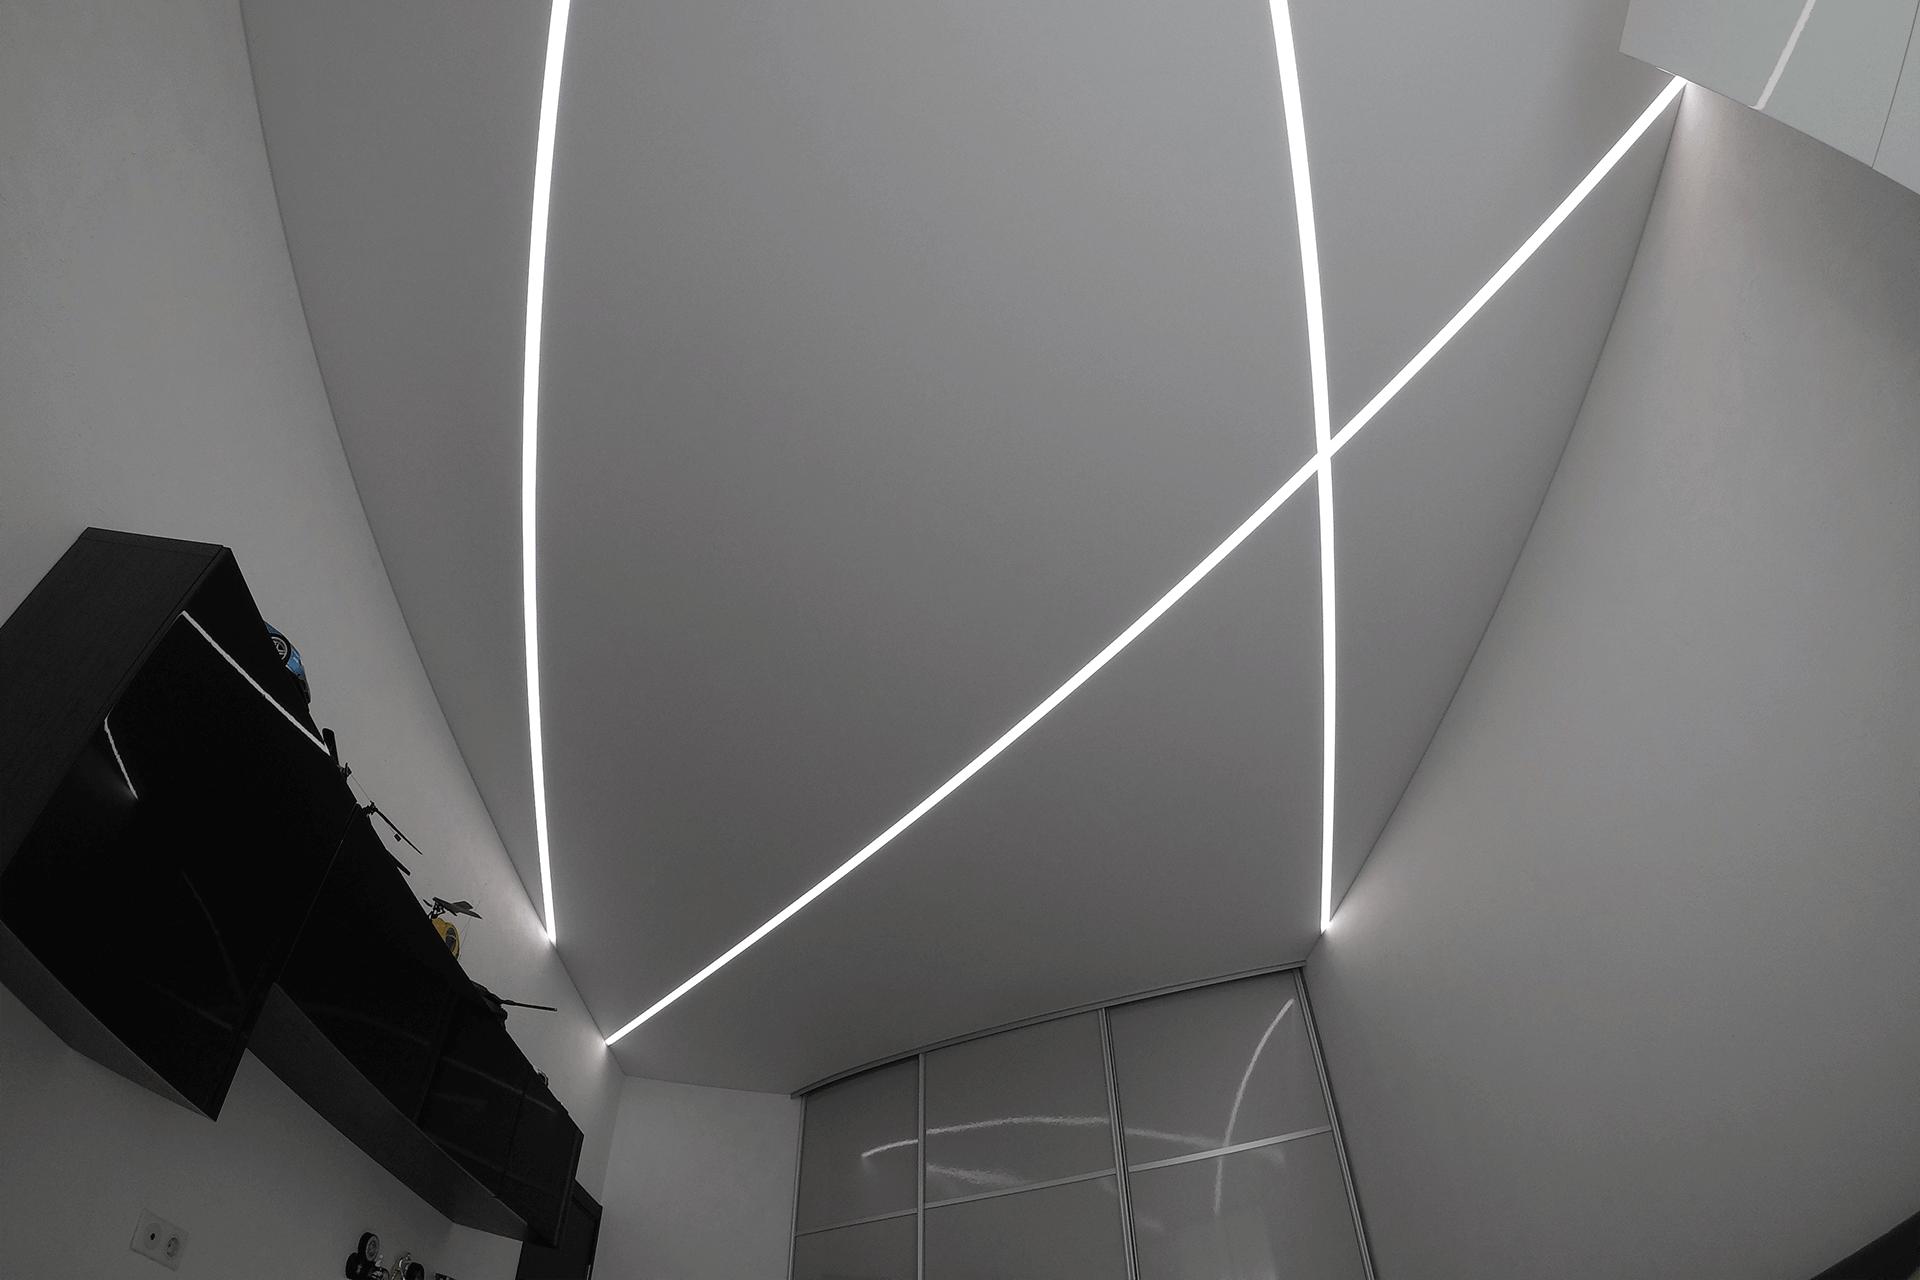 световые лини в комнате